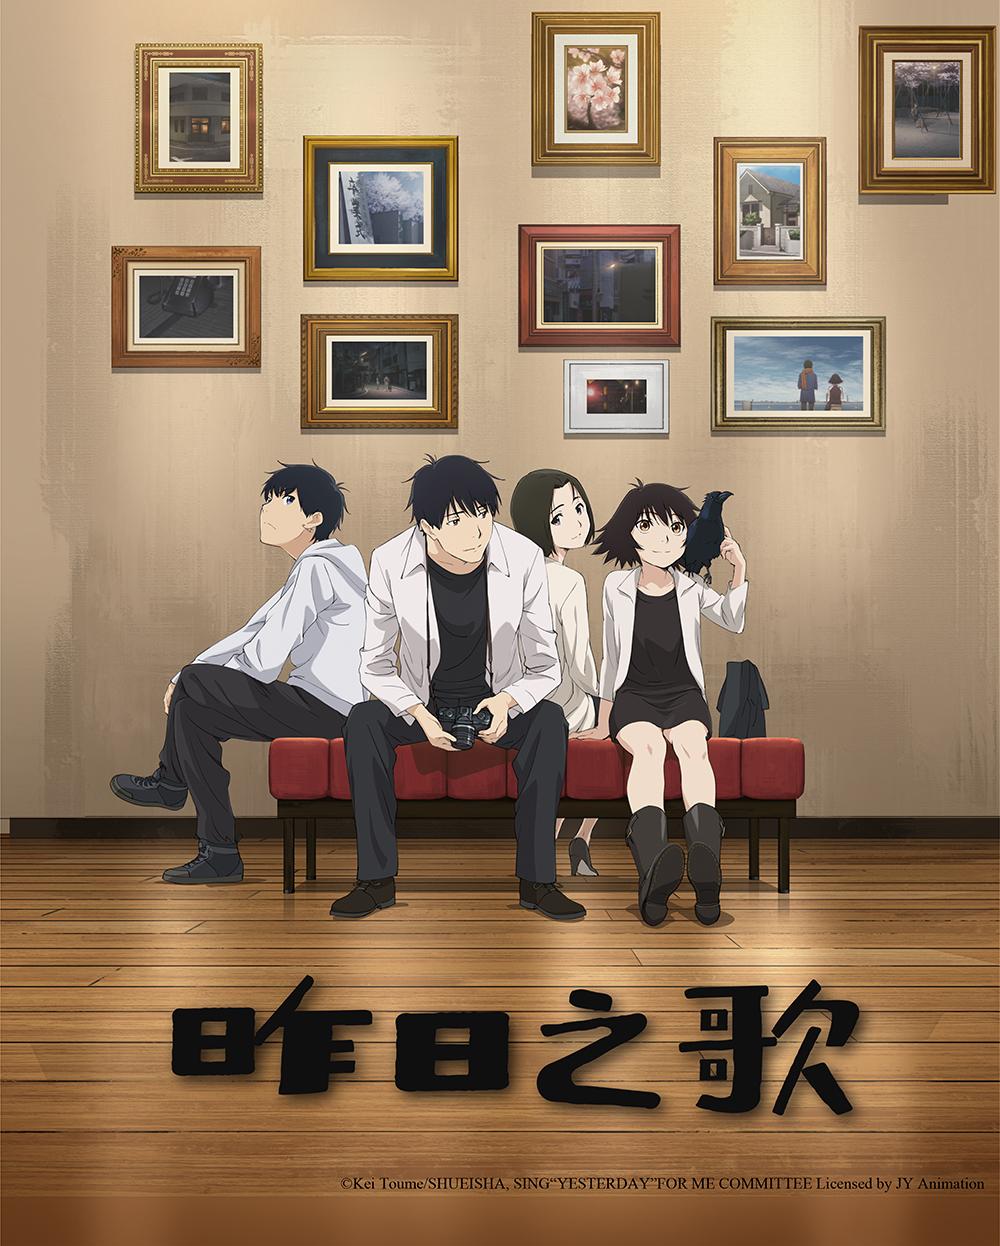 4月新番《昨日之歌》主题曲第二弹将由缺氧少女Sayuri演唱-ANICOGA